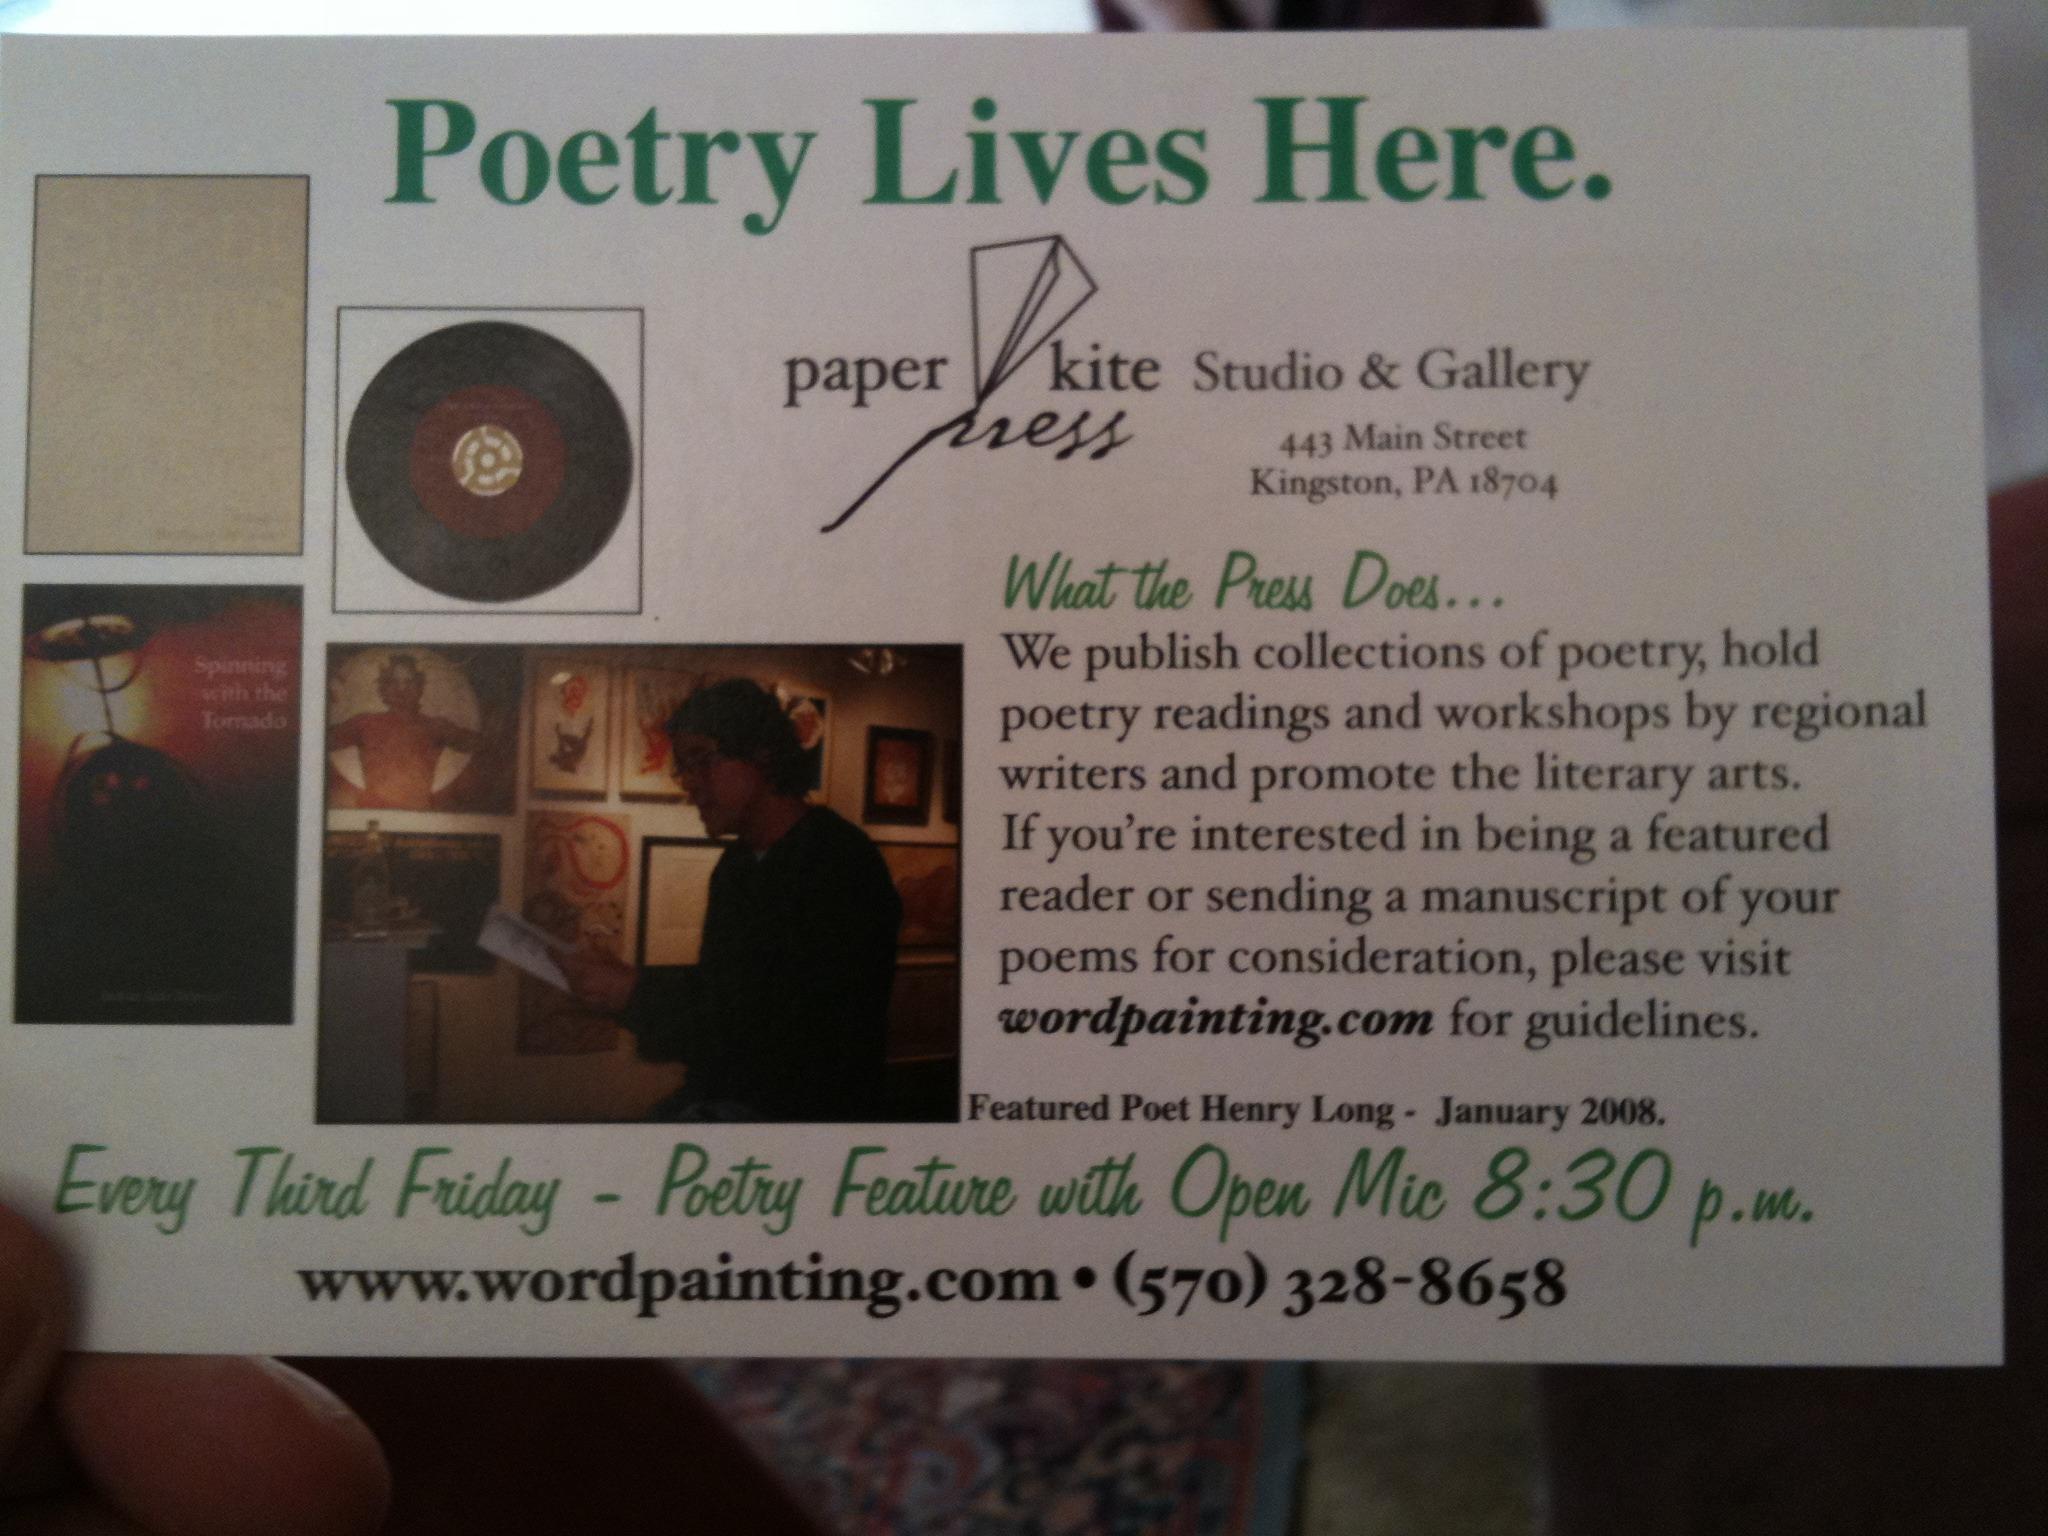 Poetry in Kingston